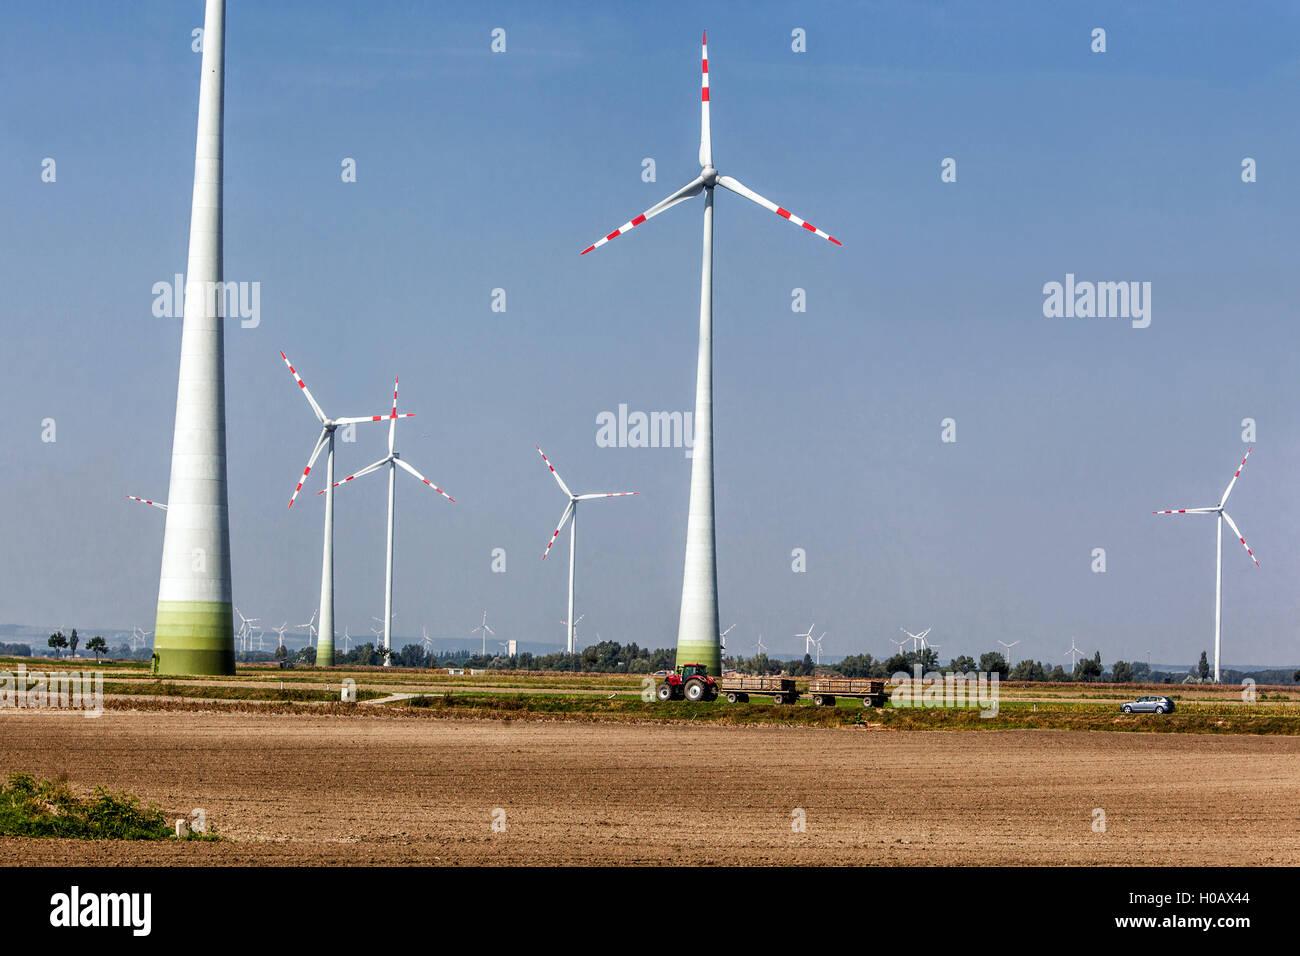 Alternative Energie, Wind-Turbinen, Windpark Obersiebenbrunn, Niederösterreich Stockbild